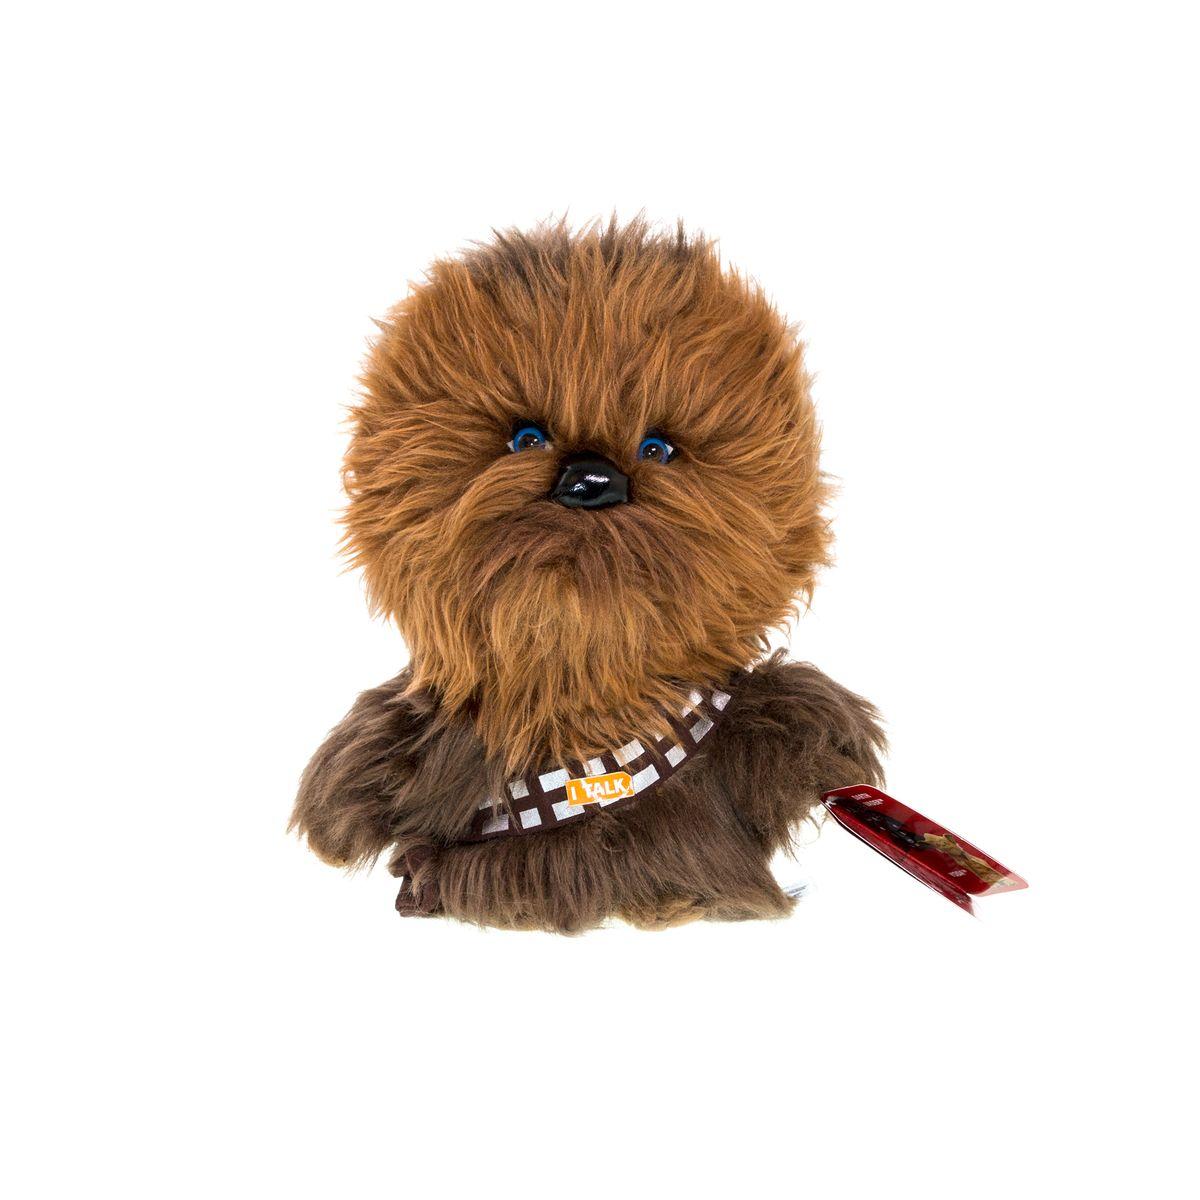 Star Wars Мягкая озвученная игрушка Чубакка 20 смSW02366Мягкая озвученная игрушка Star Wars Чубакка порадует любого поклонника знаменитой саги Звездные войны. Игрушка выполнена из высококачественного текстильного материала в виде Чубакки. При нажатии на животик игрушки, она произнесет характерные для персонажа звуки рычания. Чубакка - представитель племени вуки, механик на космическом корабле Хана Соло. Он не способен внятно говорить на человеческом языке и изъясняется хриплым ревом на языке вуки. Оригинальная мягкая игрушка непременно поднимет настроение своему обладателю и станет замечательным подарком любому ребенку или взрослому, увлеченному вселенной Звездных войн. Рекомендуется докупить 3 батарейки типа AG13.